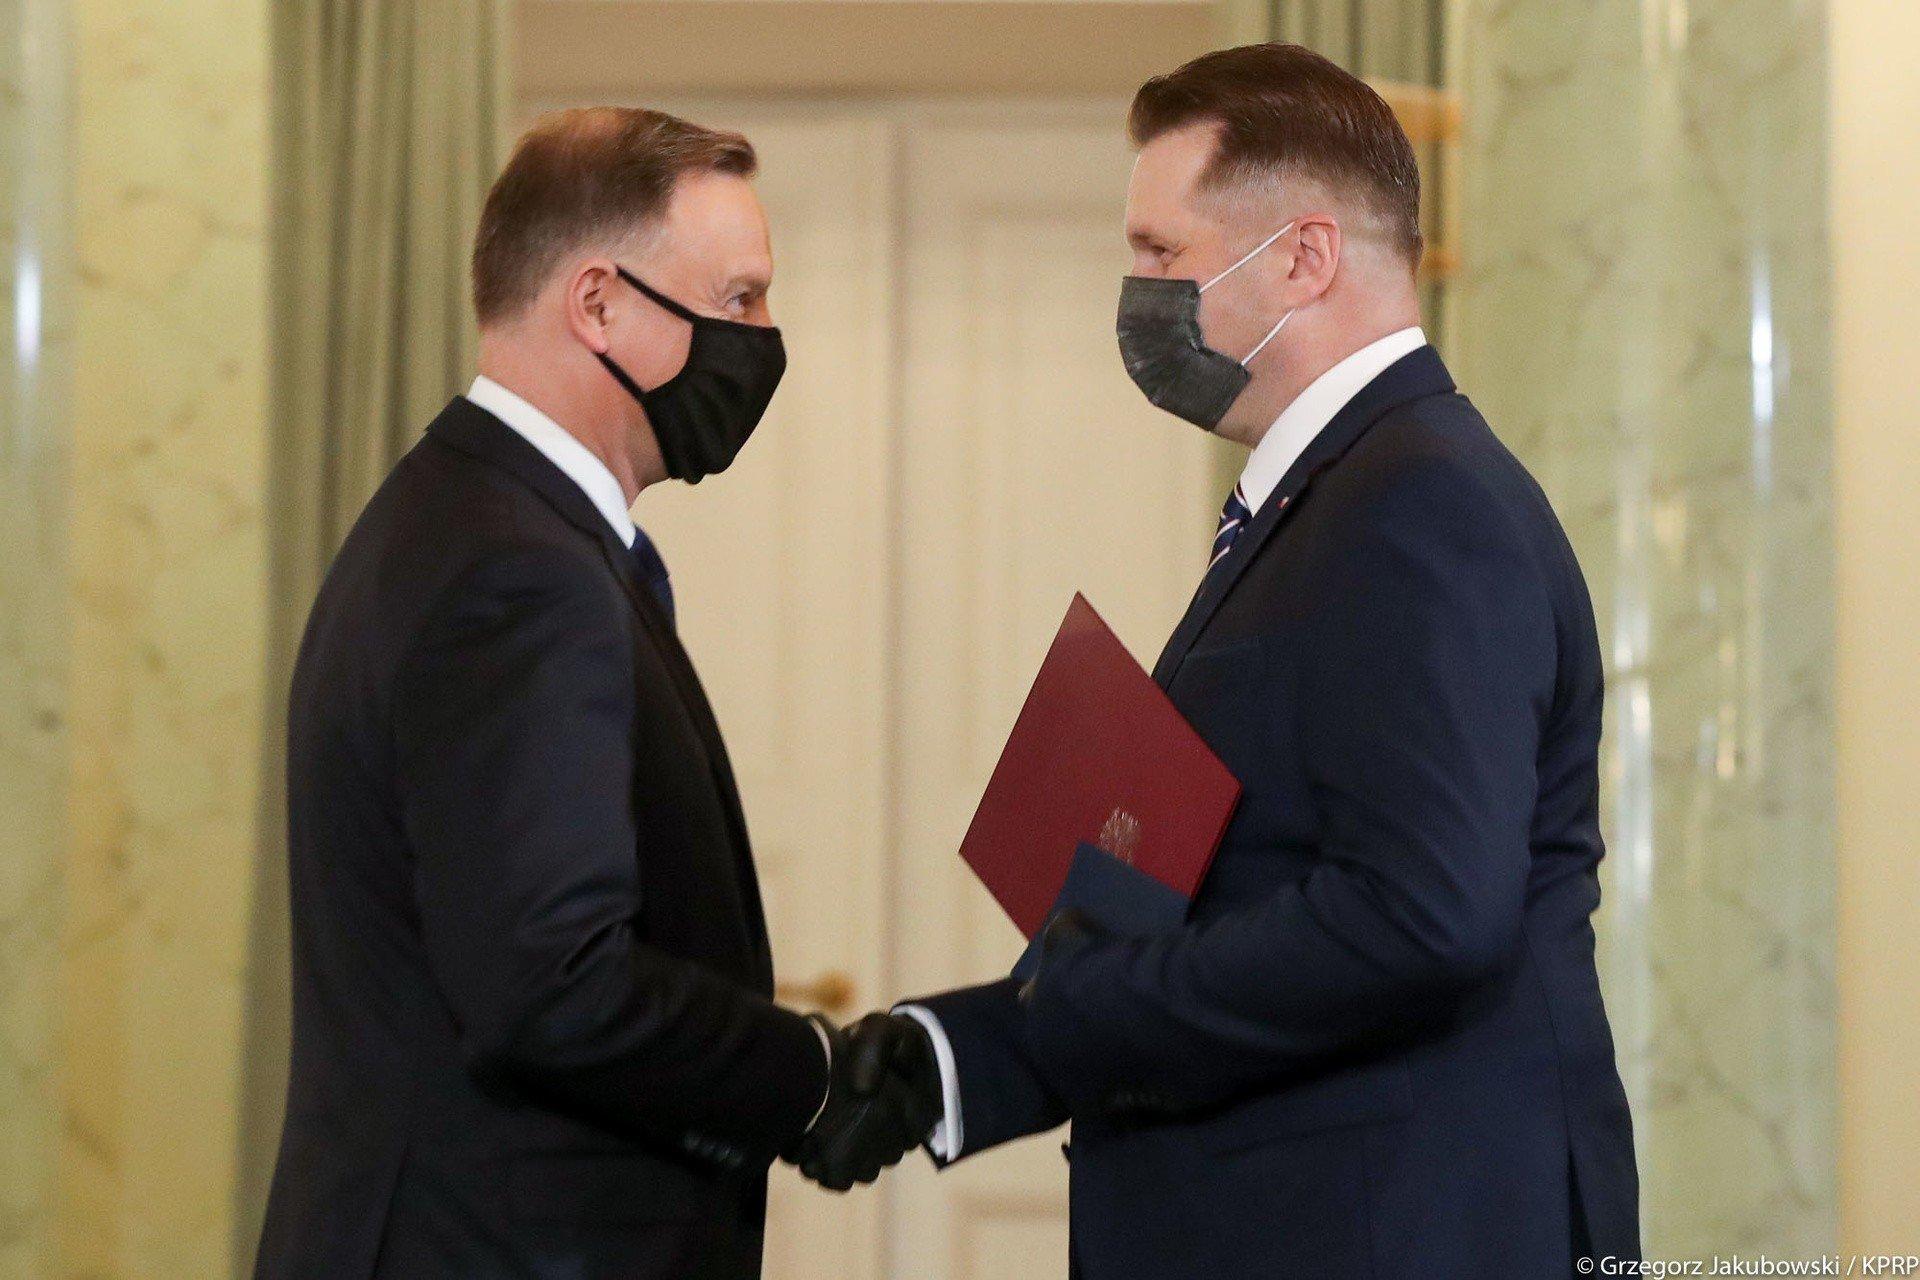 Przemysław Czarnek oficjalnie ministrem edukacji i nauki. Prezydent Andrzej Duda dokonał zaprzysiężenia   Polska Times